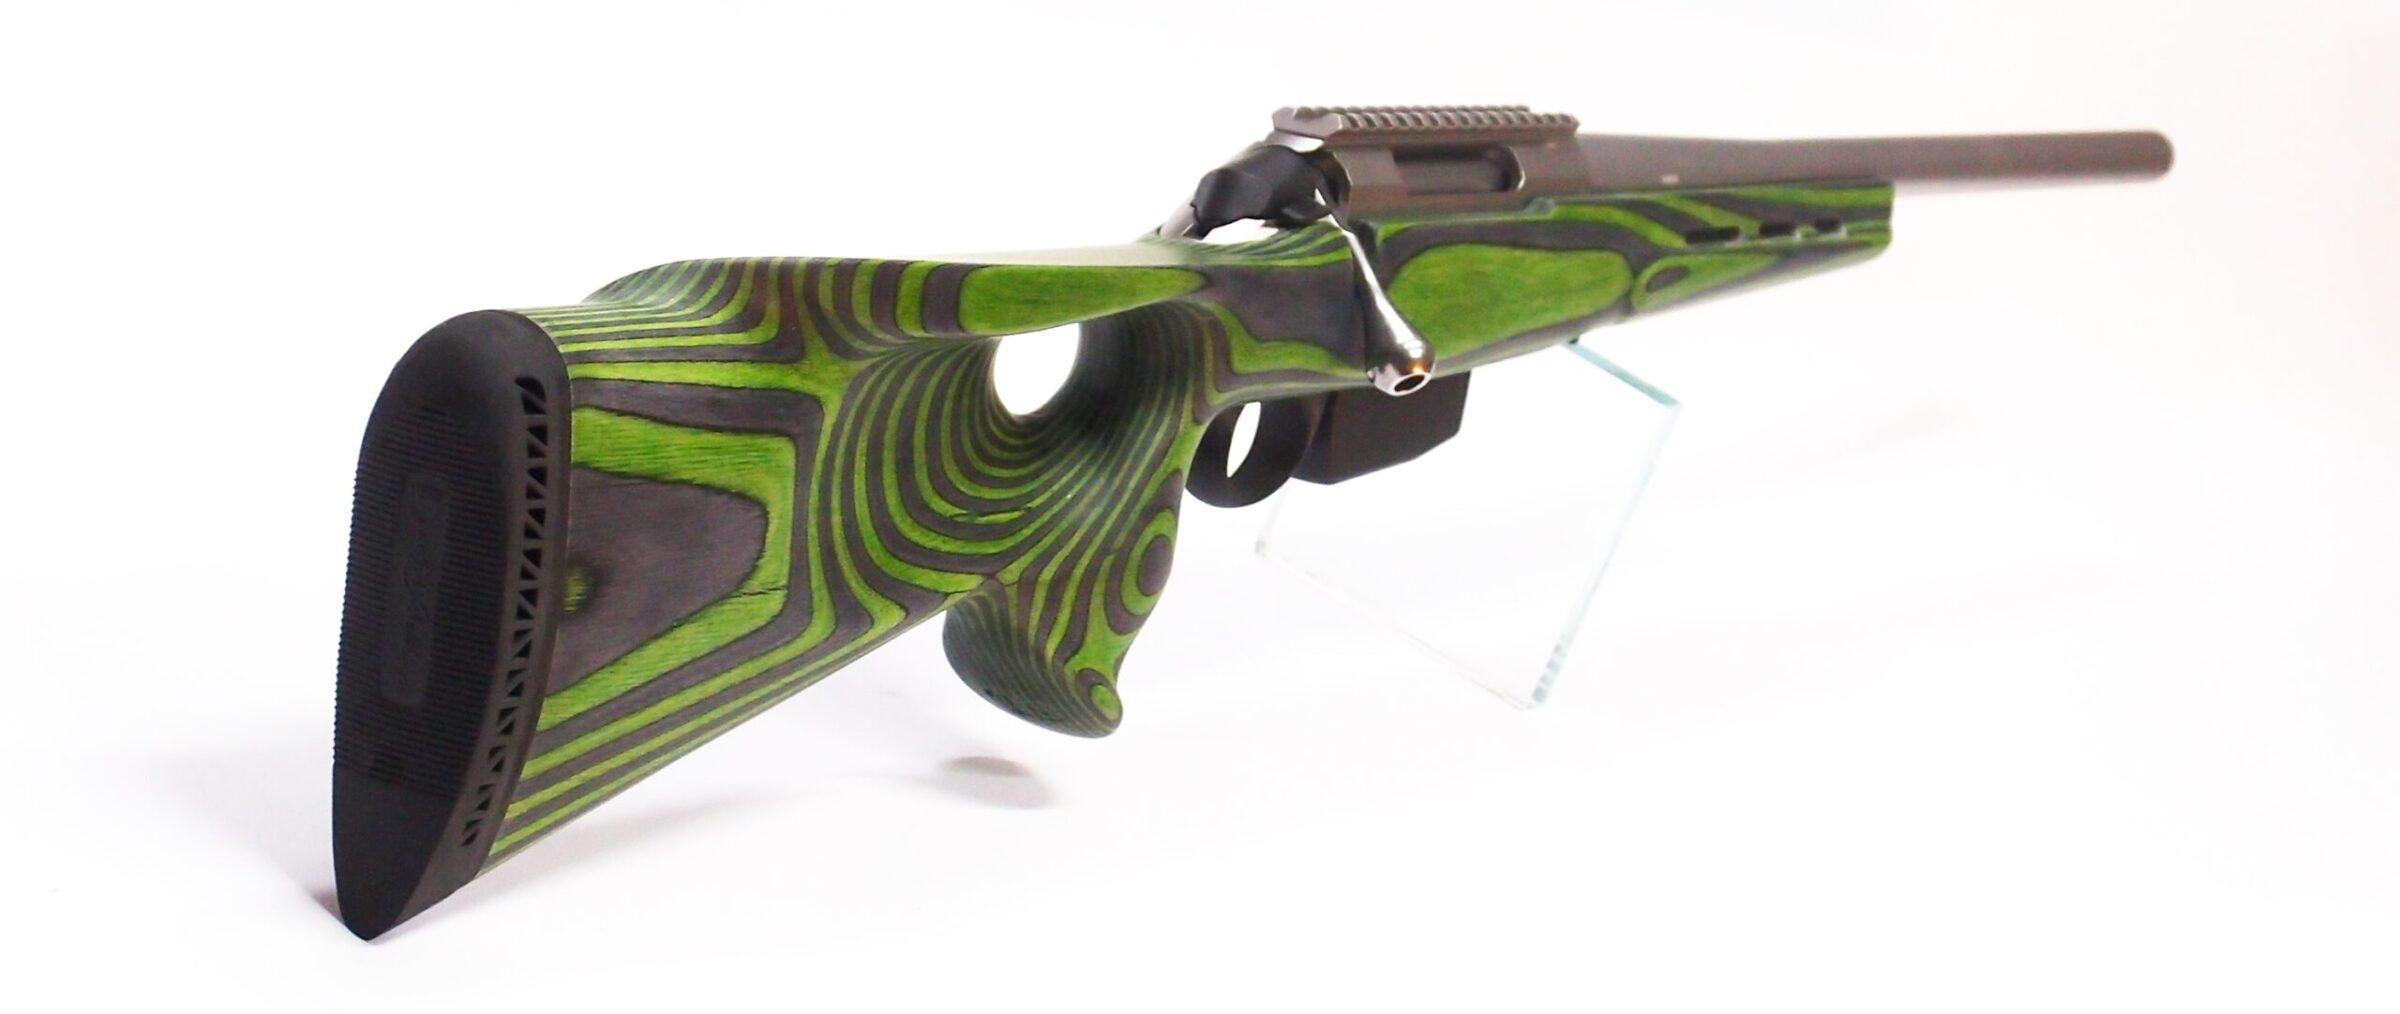 Tikka T3 Laminated Wood zombi green